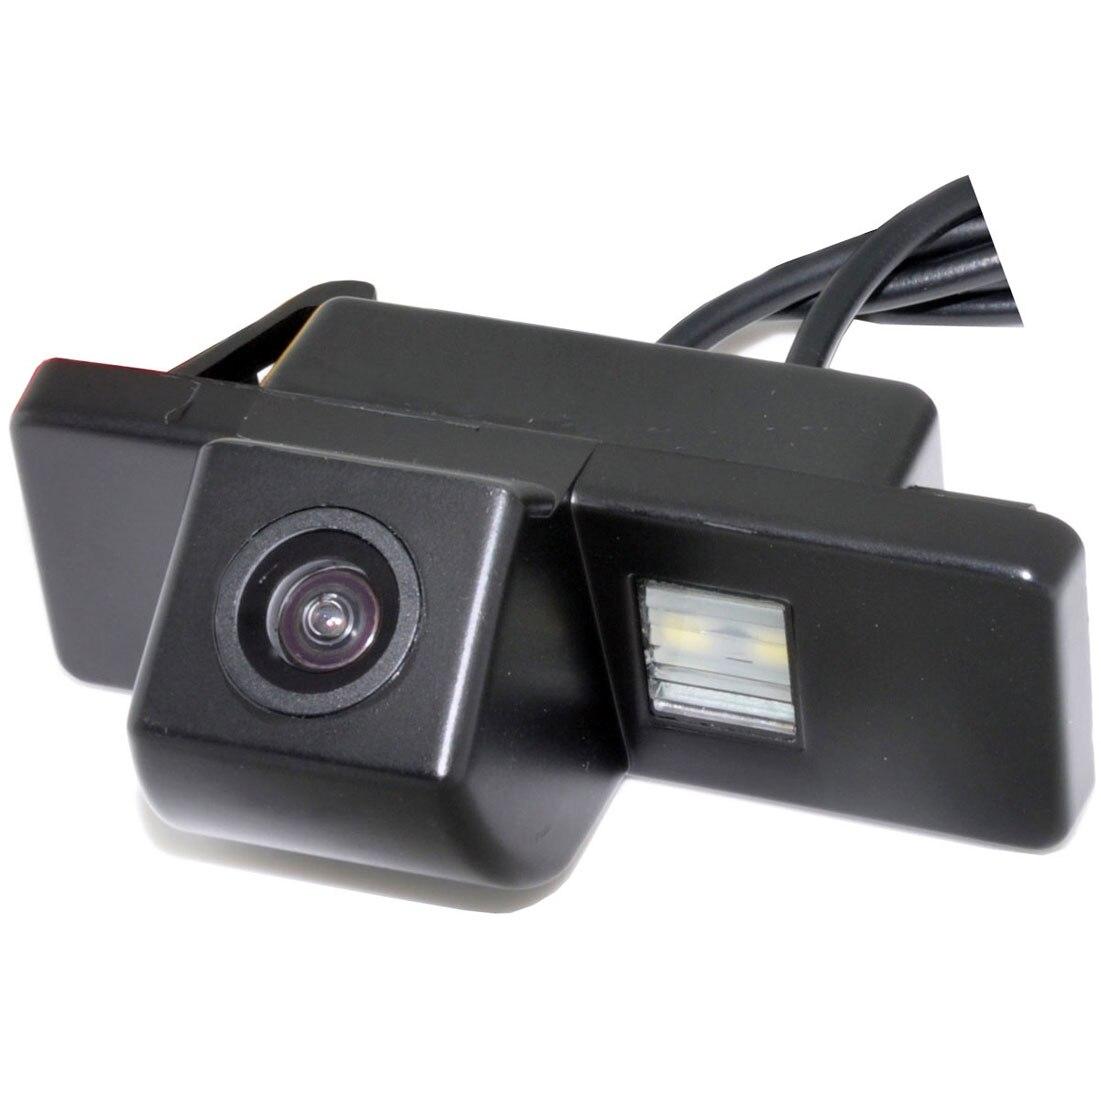 HD CCD Vue Arrière De Voiture Caméra Pour Nissan QASHQAI X-TRAIL Geniss Citroen C4 C5 C-Triomphe Peugeot 307CC Pathfinder Dualis